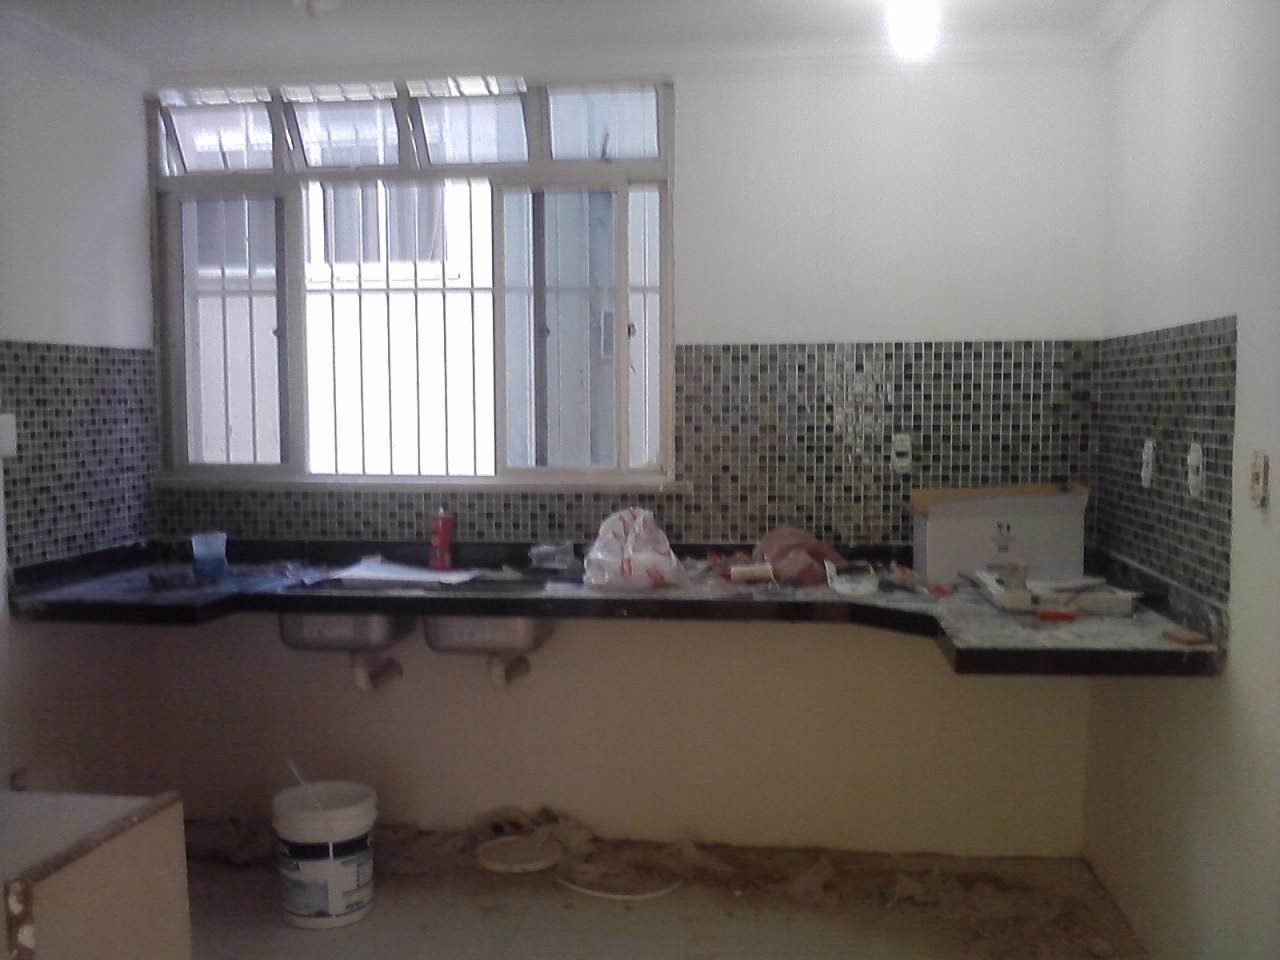 Morar em Fortaleza: Reforma da Cozinha pastilhas de vidro e móveis #5E4F41 1280 960